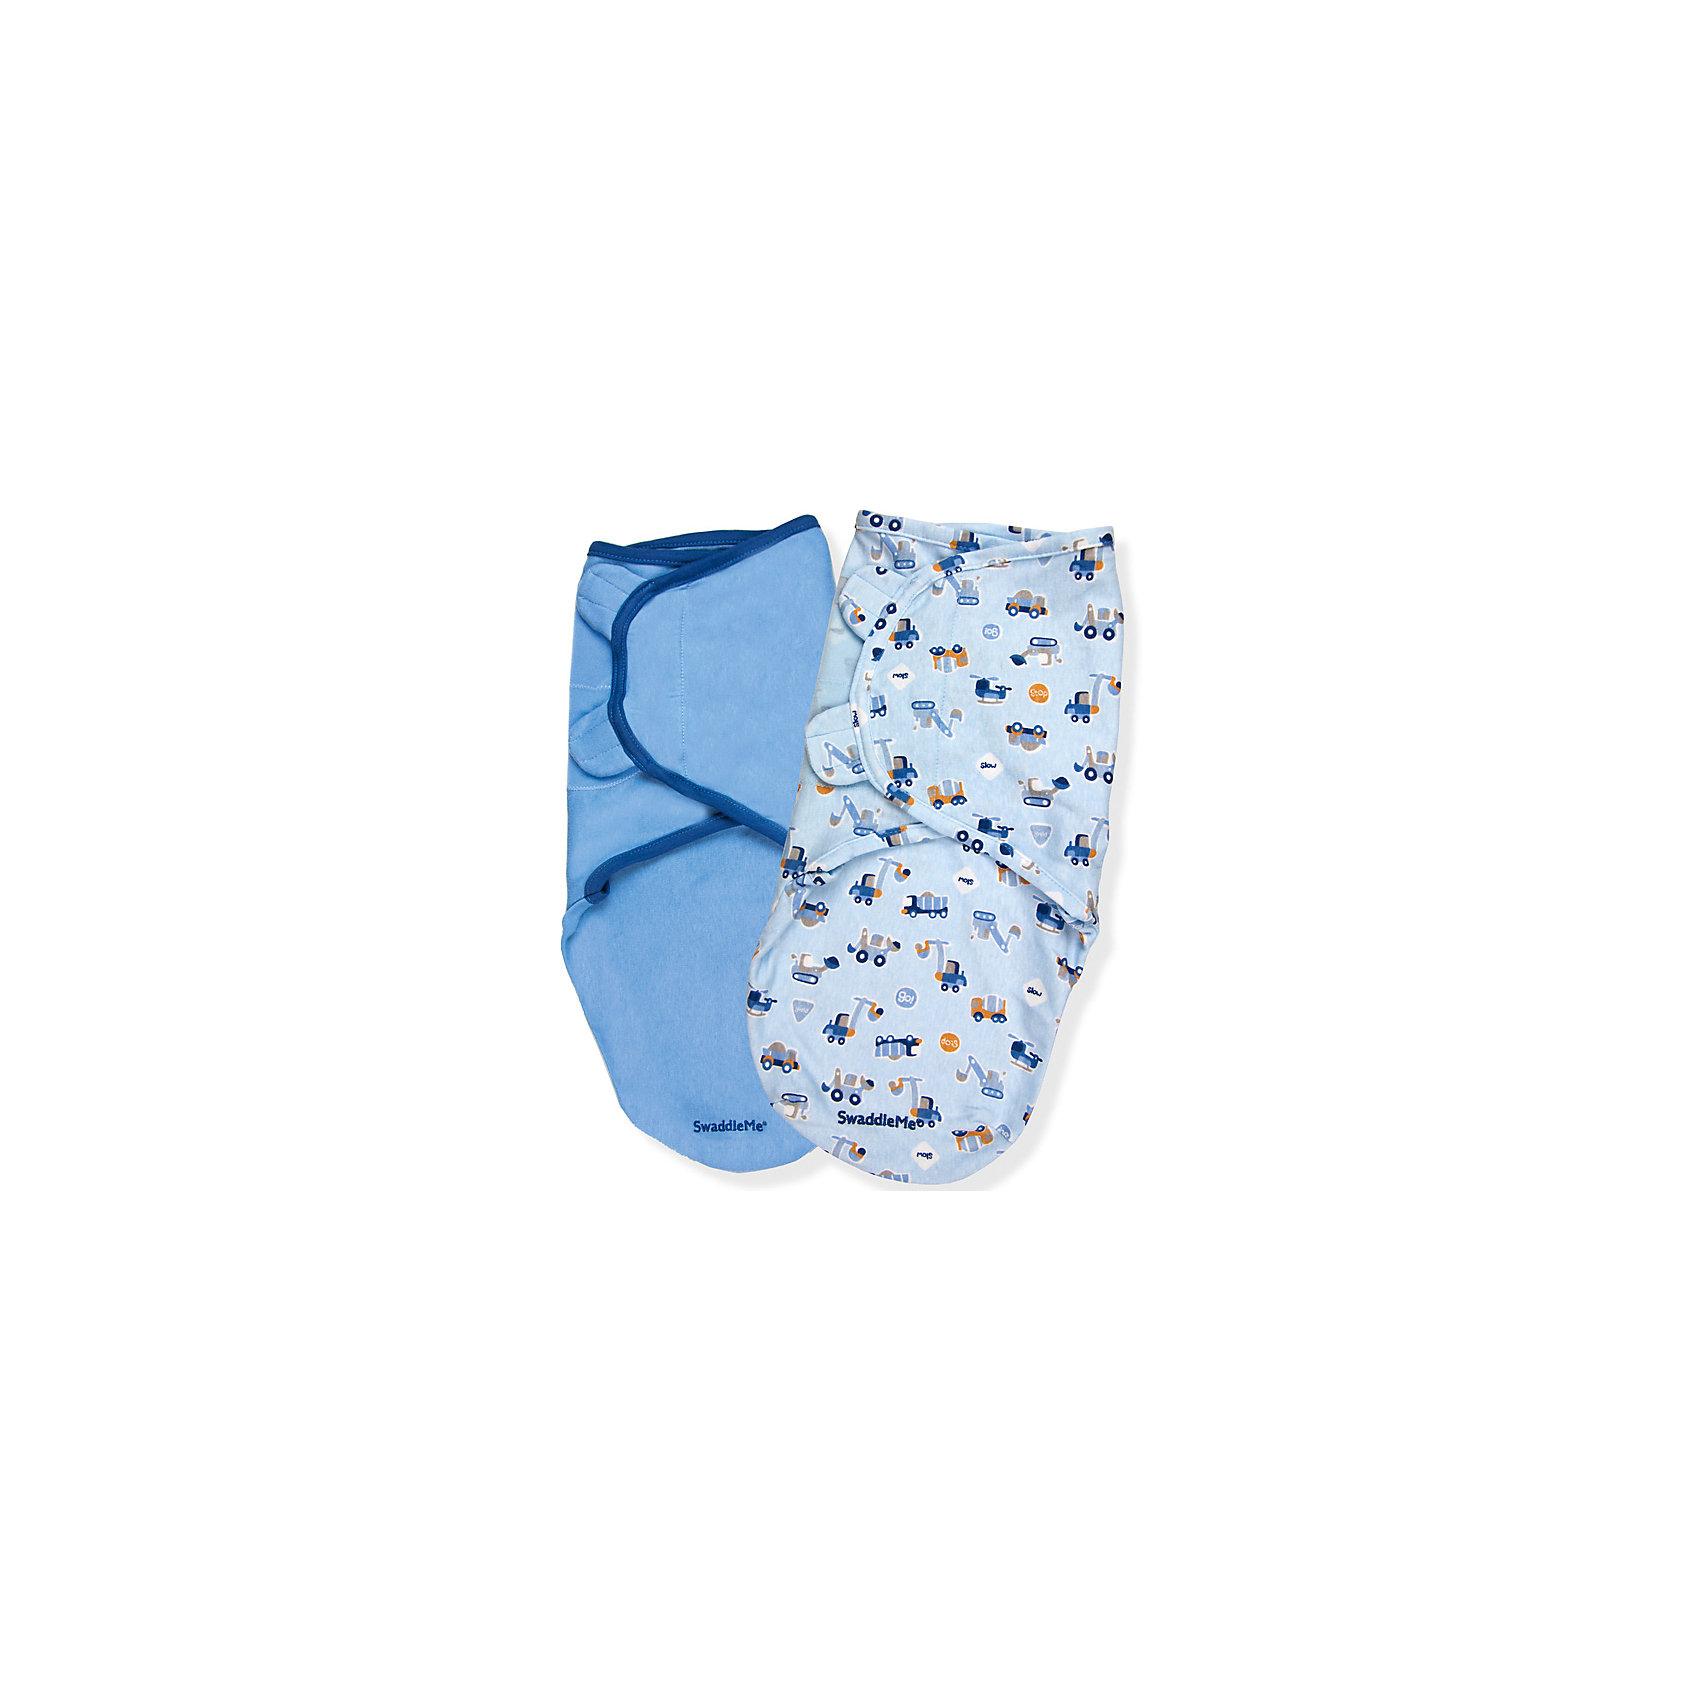 Конверт для пеленания на липучке, SWADDLEME®, р-р S/M, 2 шт., транспортМягко облегая, конверт не ограничивает движение ребенка, и в тоже время помогает снизить рефлекс внезапного вздрагивания, благодаря этому сон малыша и родителей будет более крепким.<br>Регулируемые крылья для закрытия конверта сделаны таким образом, что даже самый активный ребенок не сможет распеленаться во время сна.<br>Объятия крыльев регулируются по мере роста ребенка.<br>Конверт можно открыть в области ног малыша для легкой смены подгузников - нет необходимости разворачивать детские ручки.<br>Состав: хлопок и нити эластана<br>Длина конверта: 50 см (размер S/M)<br>Подходит для малышей среднего размера от 3 до 7 кг<br><br>Ширина мм: 150<br>Глубина мм: 235<br>Высота мм: 40<br>Вес г: 340<br>Возраст от месяцев: 0<br>Возраст до месяцев: 6<br>Пол: Мужской<br>Возраст: Детский<br>SKU: 4331800